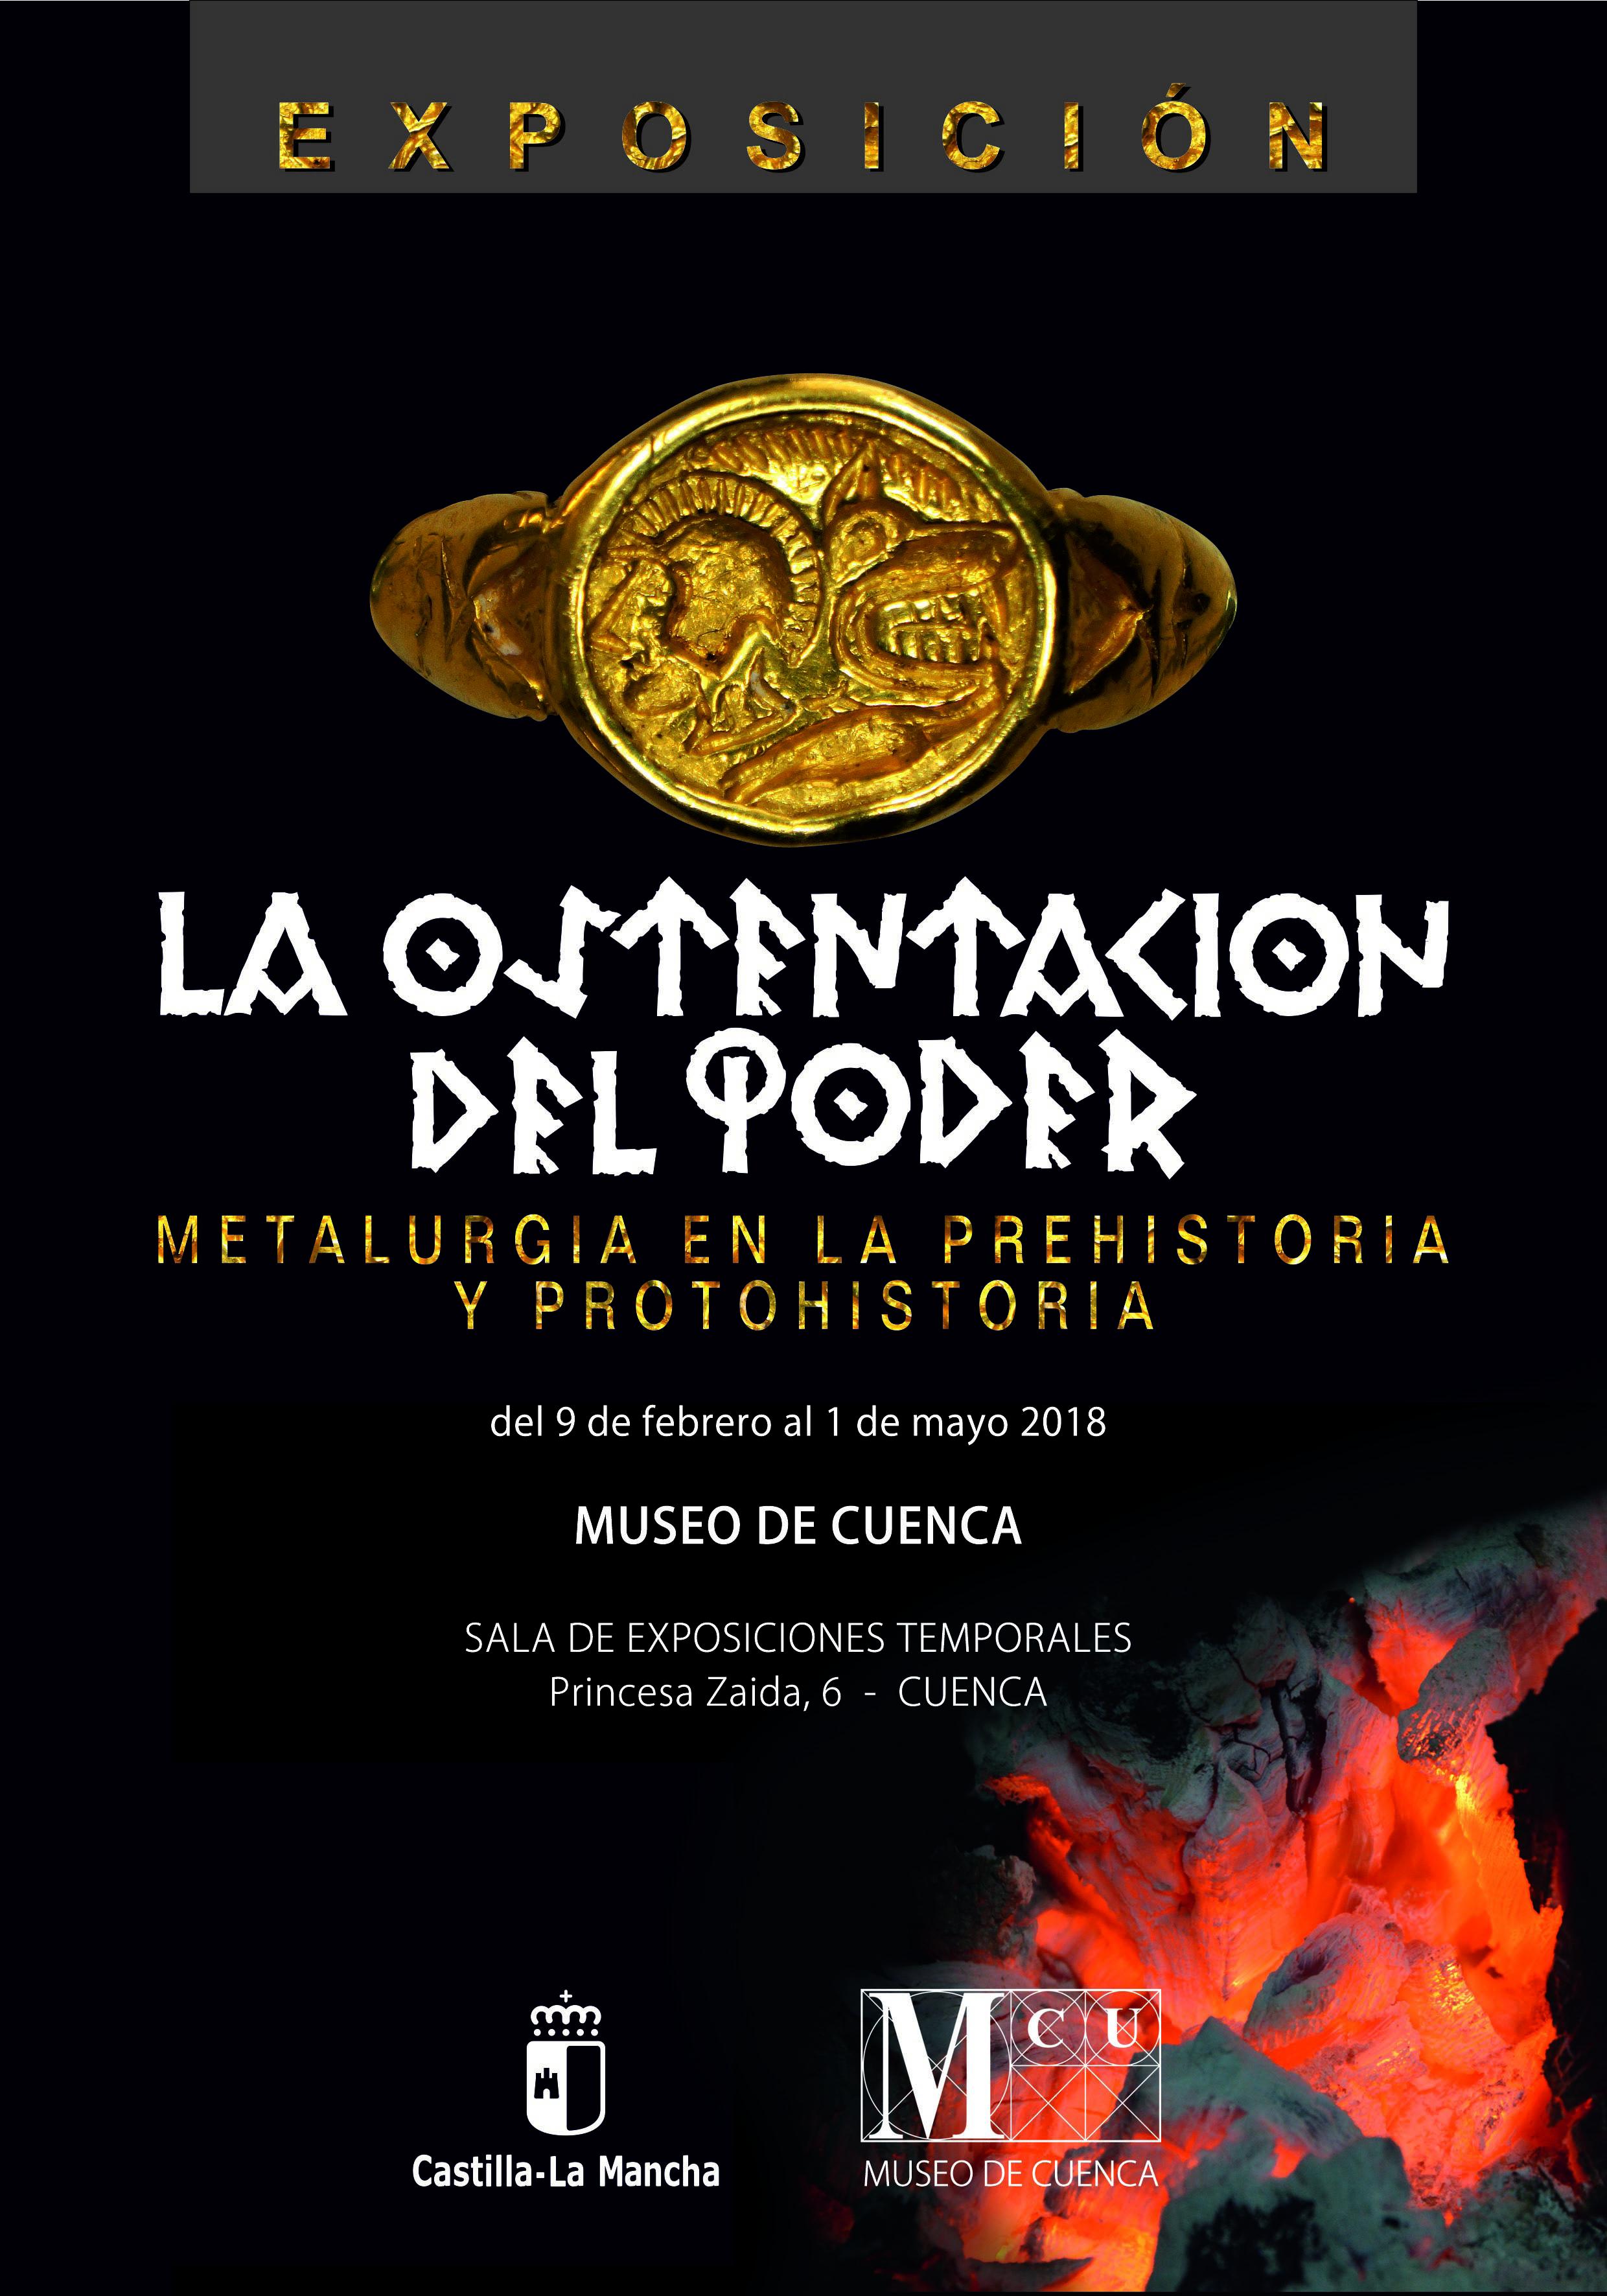 Imagen de la actividad La Ostentación del Poder. Metalurgia en la Prehistoria y la Protohistoria